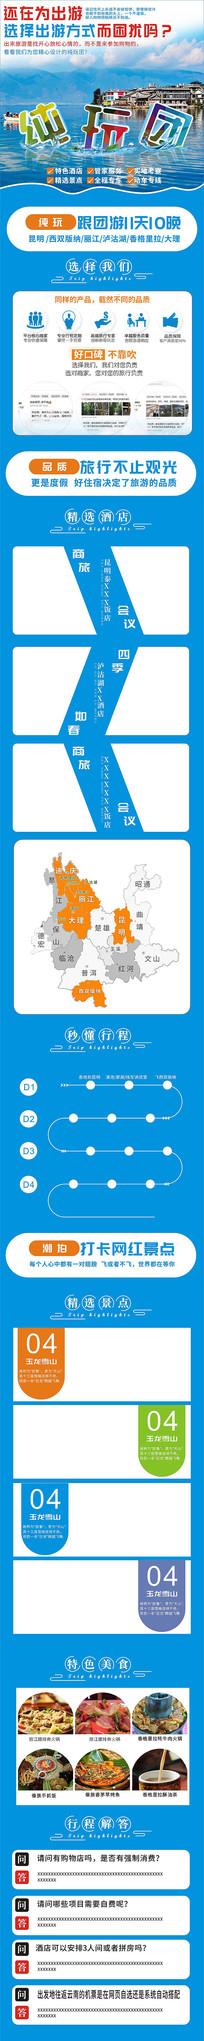 云南旅游网站详情页模板